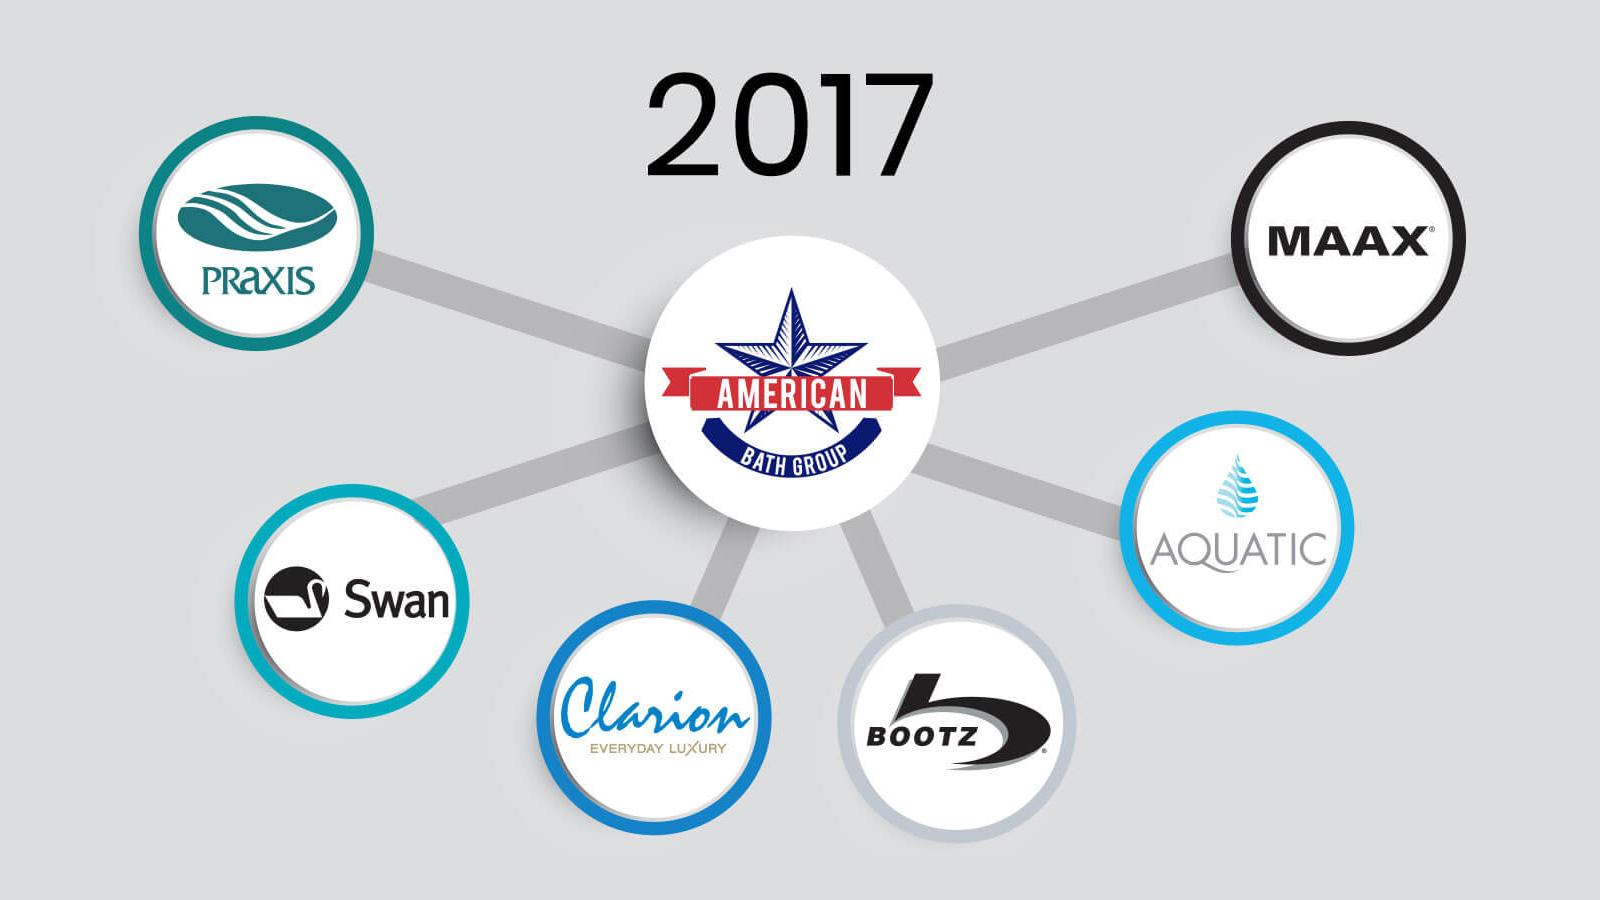 MAAX History 2017